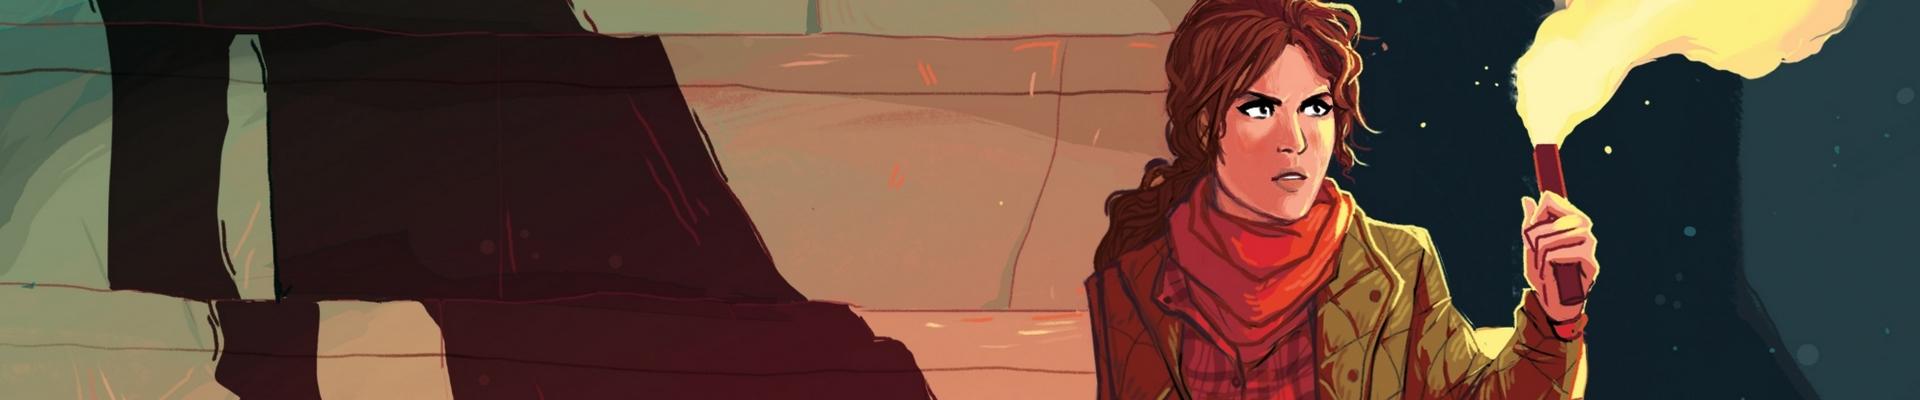 Image de l'article Livres : Une nouvelle série de comics annoncée !